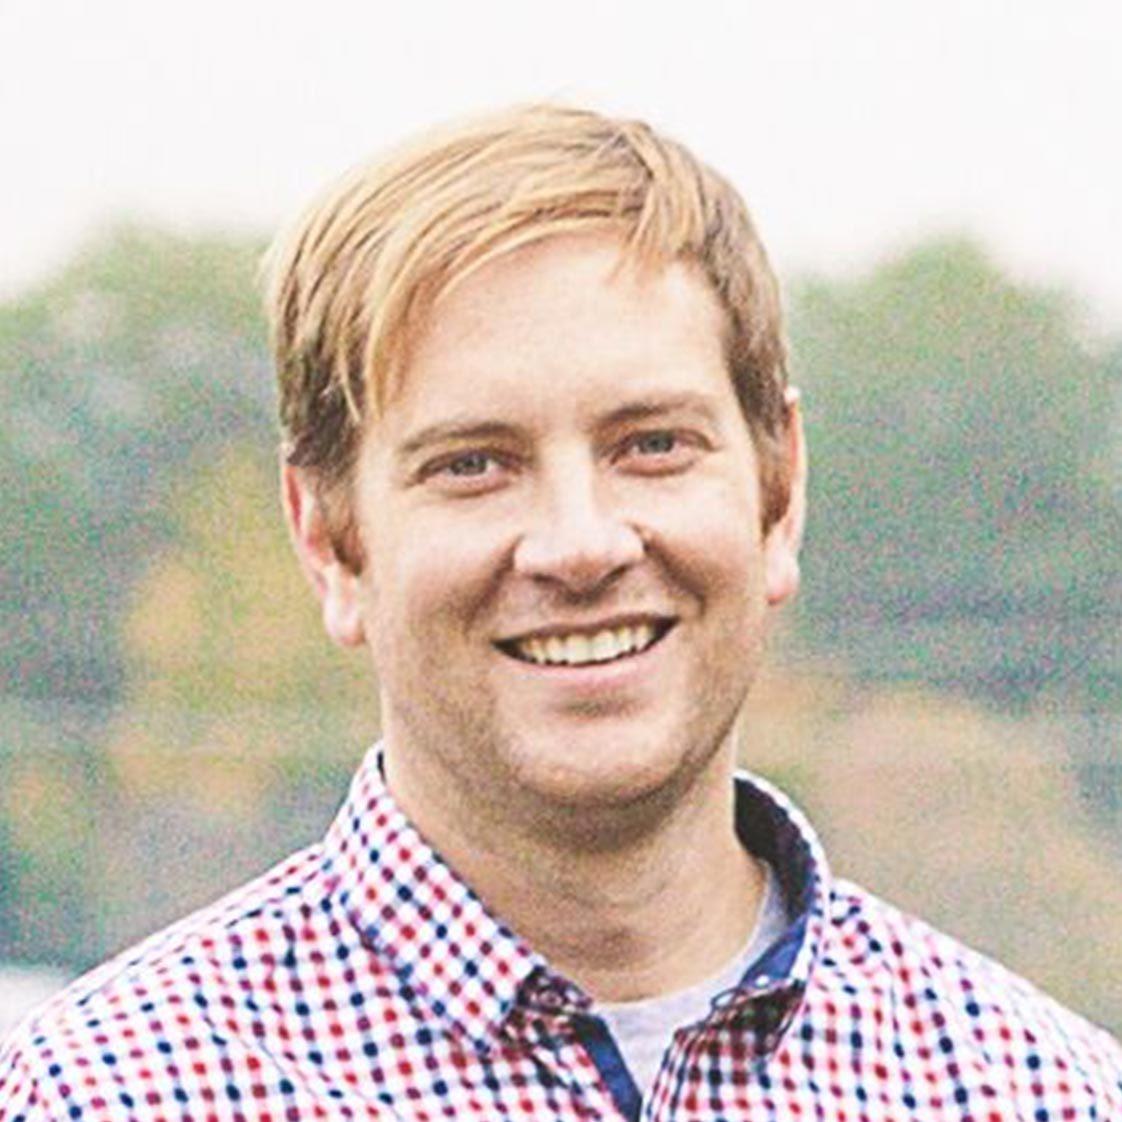 Kevin Van Groningen